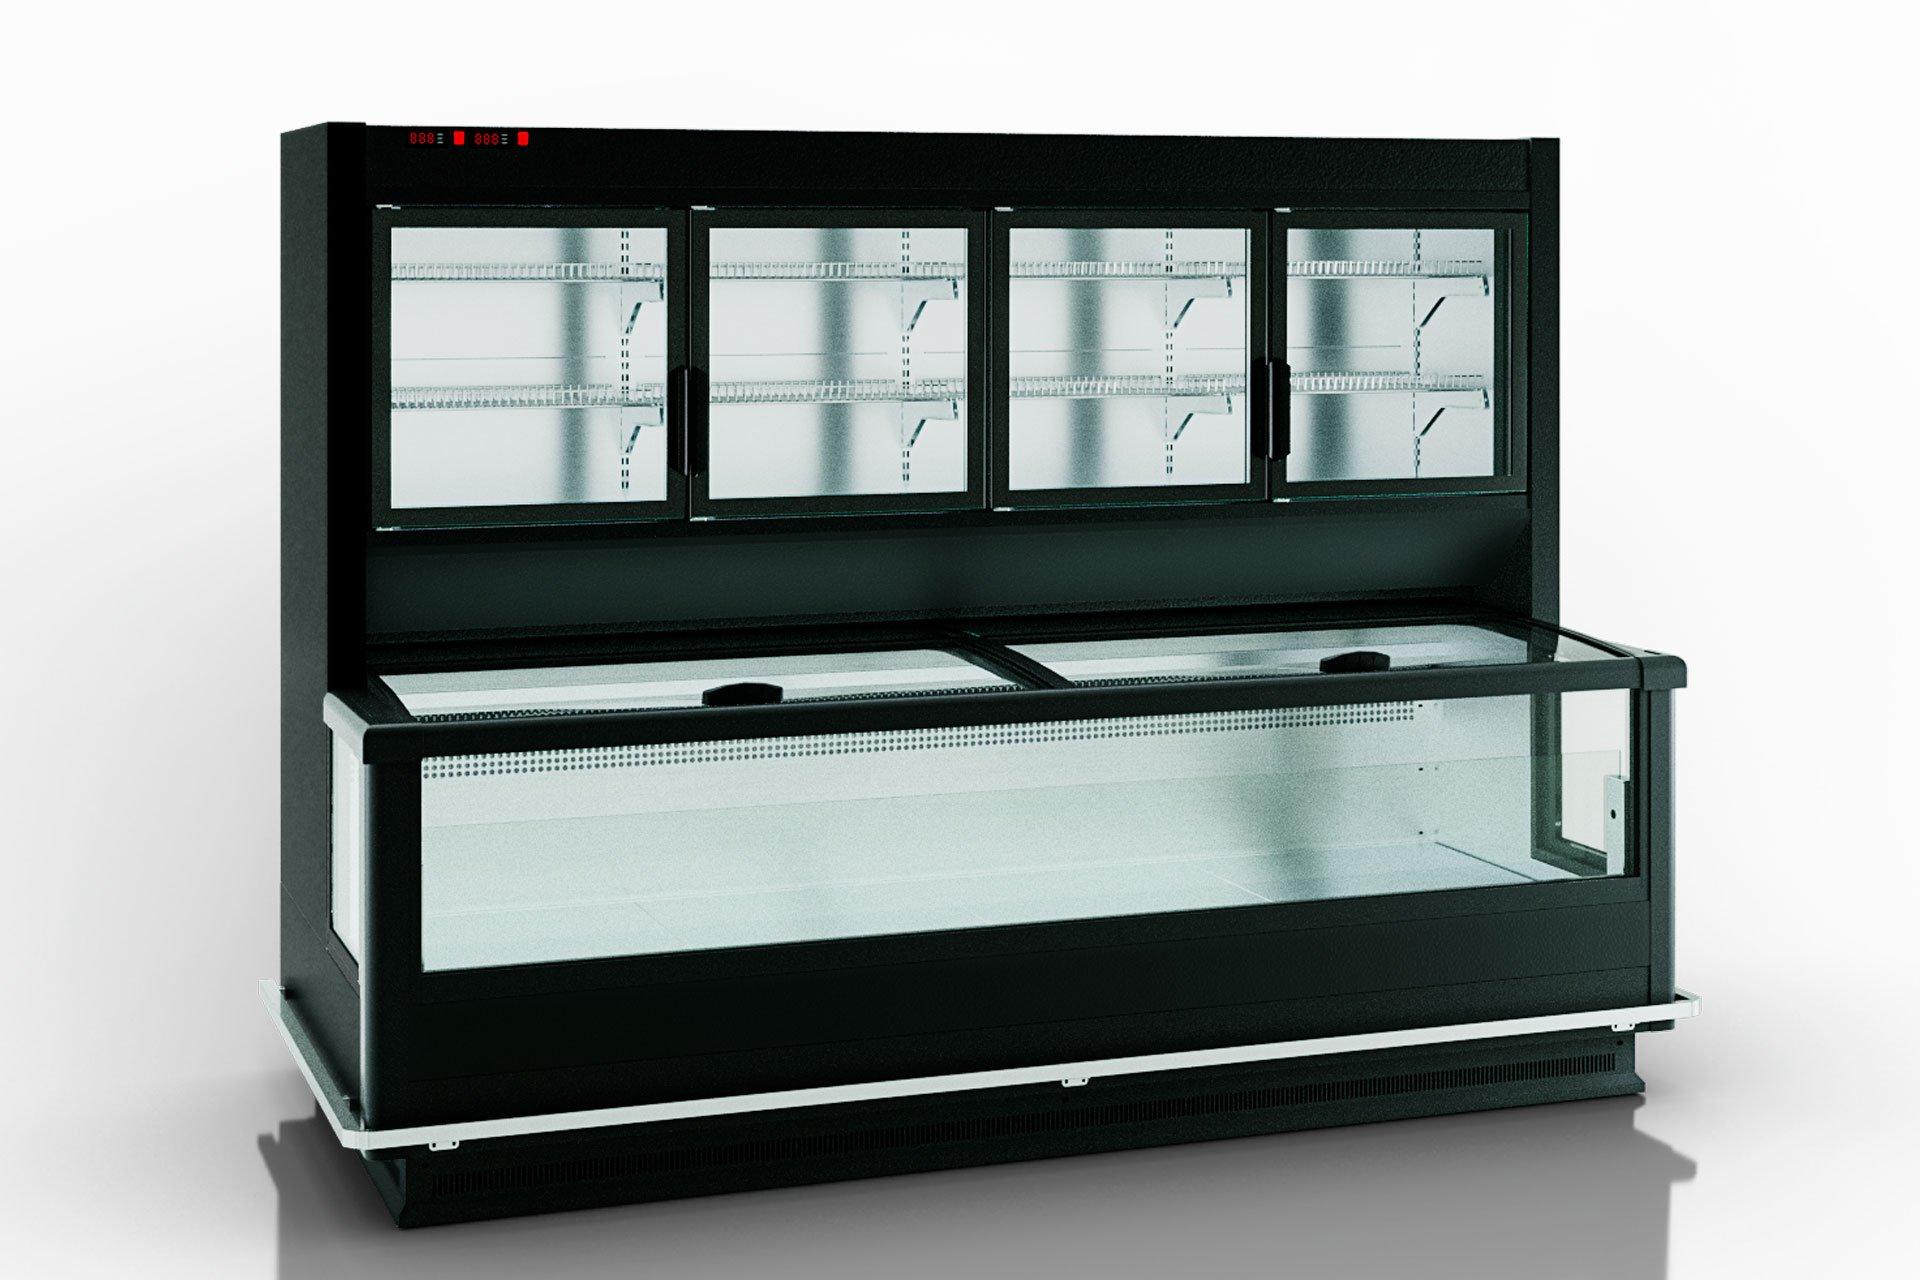 Витрины для замороженных продуктов Alaska combi 2 SD MHV 110 LT D/C 200-DLM